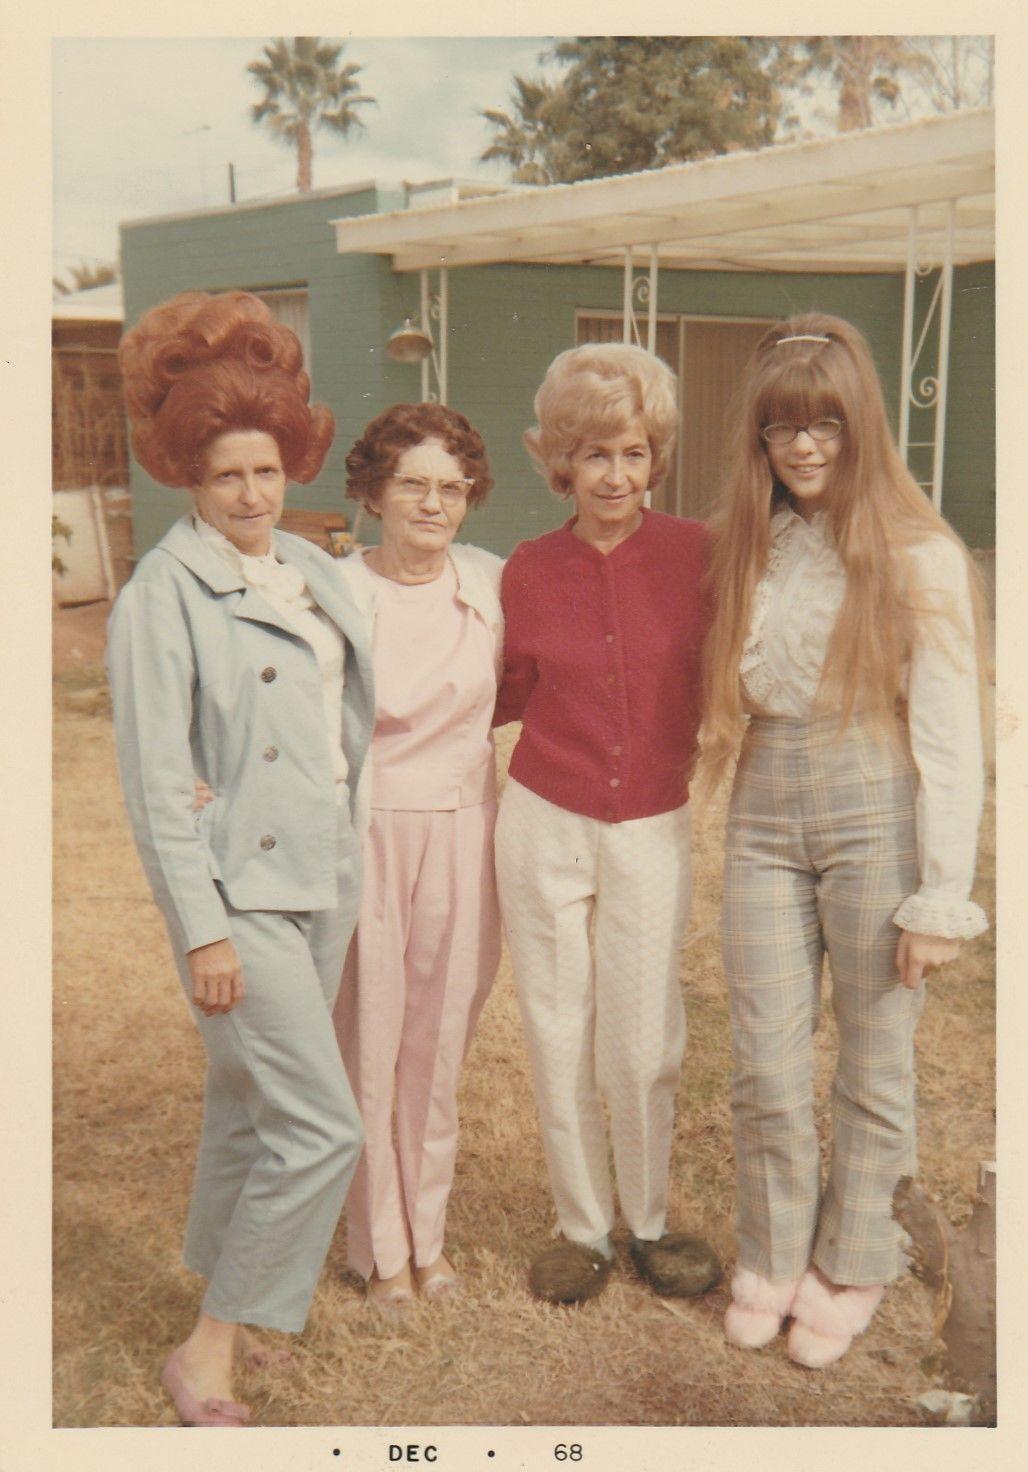 when girls go wild - 1968 style